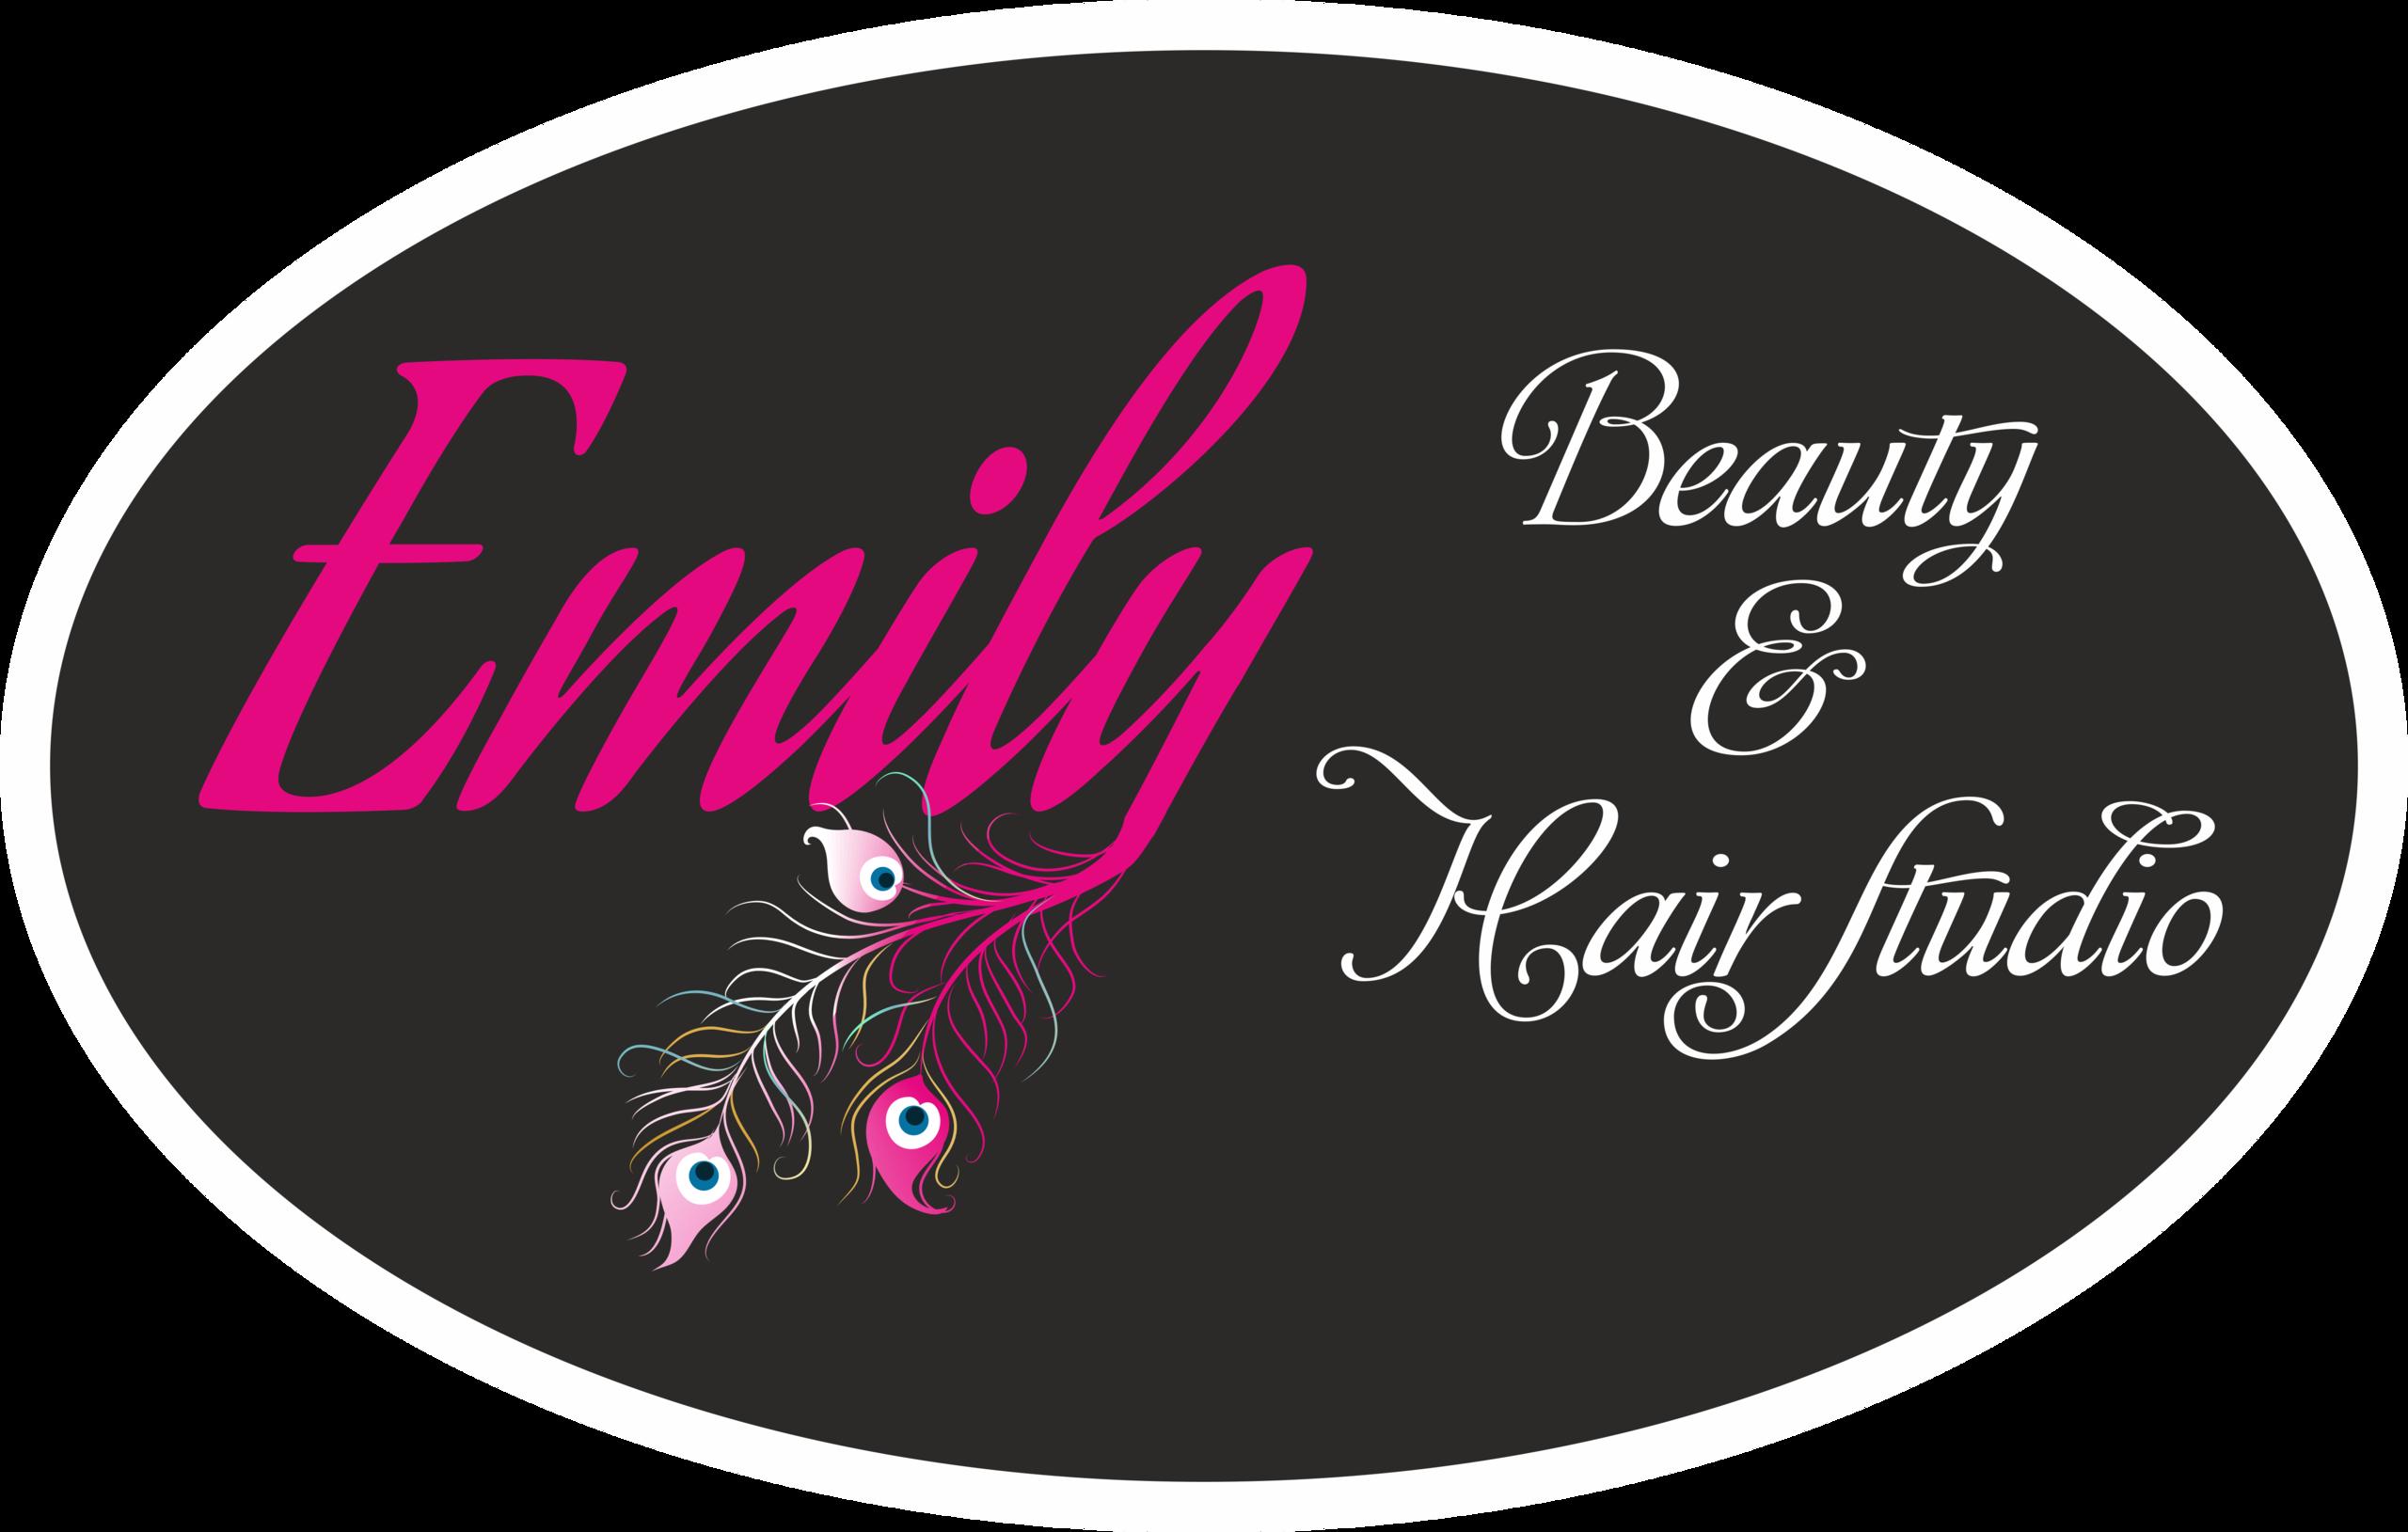 güzellik salonu Logo yardımı lütfen